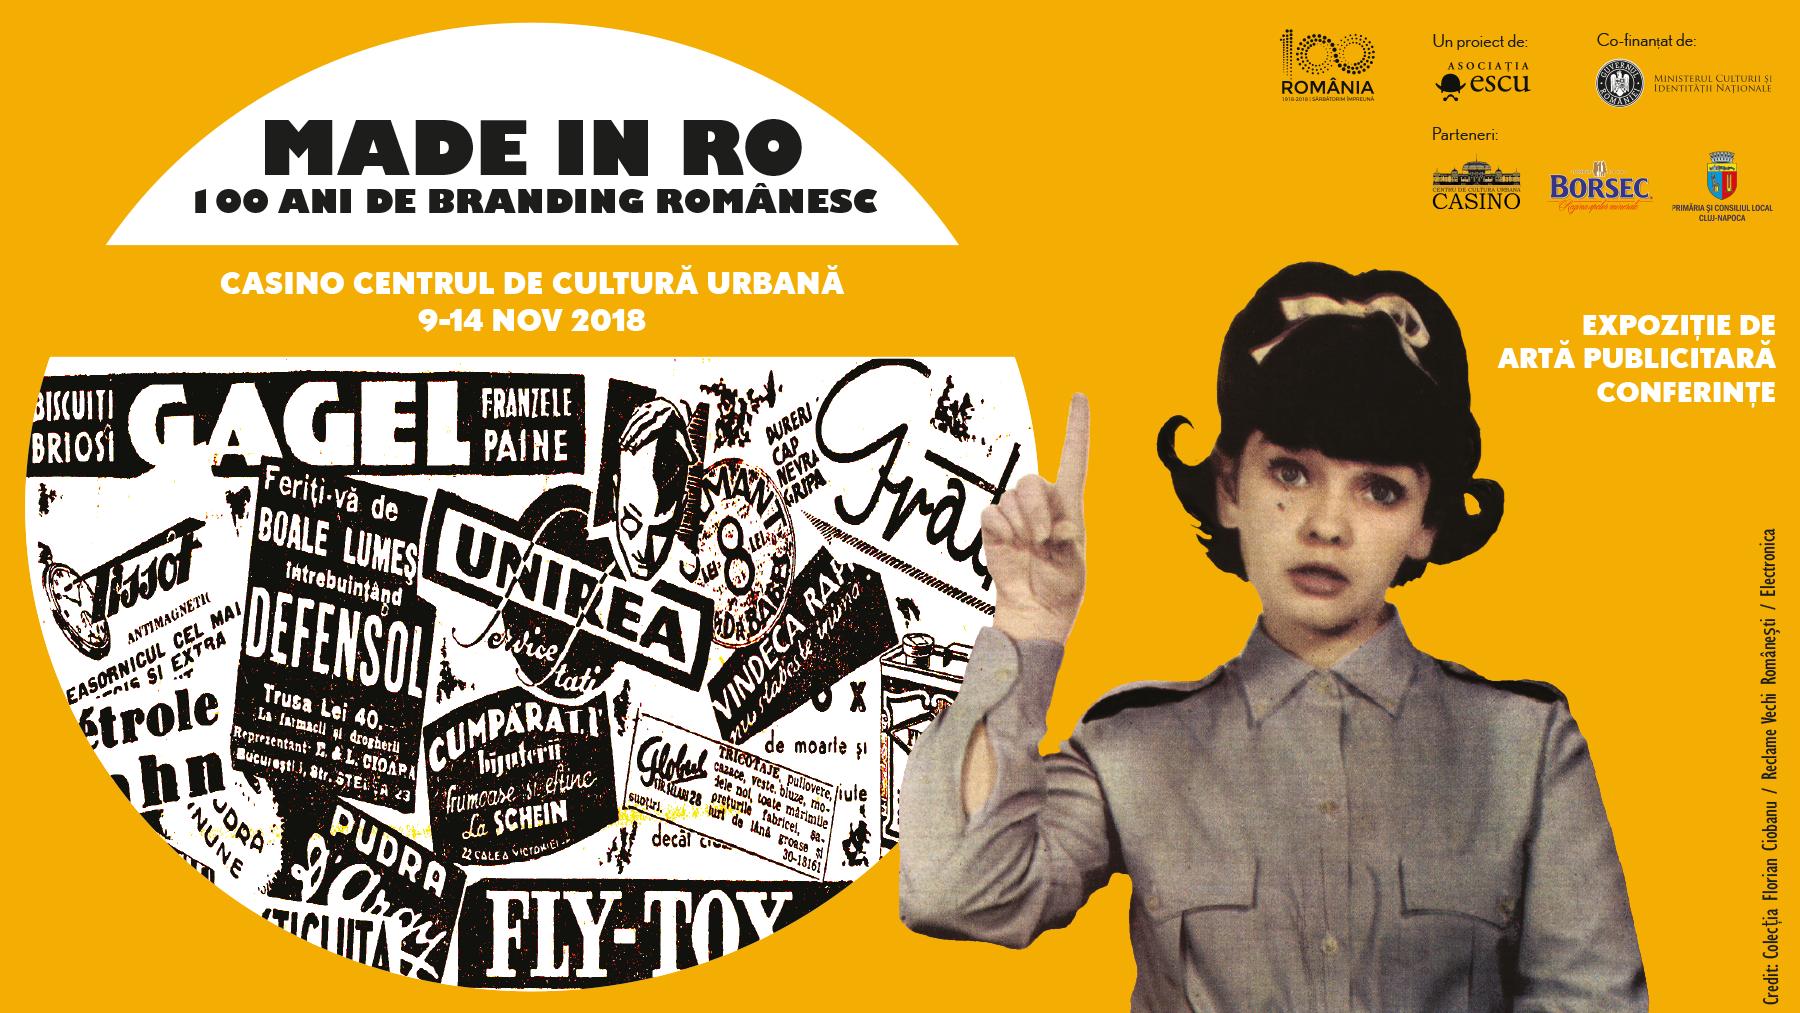 """Cele mai emblematice mărci şi branduri din România, aduse la Cluj-Napoca în expoziţia """"Made in RO – 100 ani de branding românesc"""", la Casino!"""